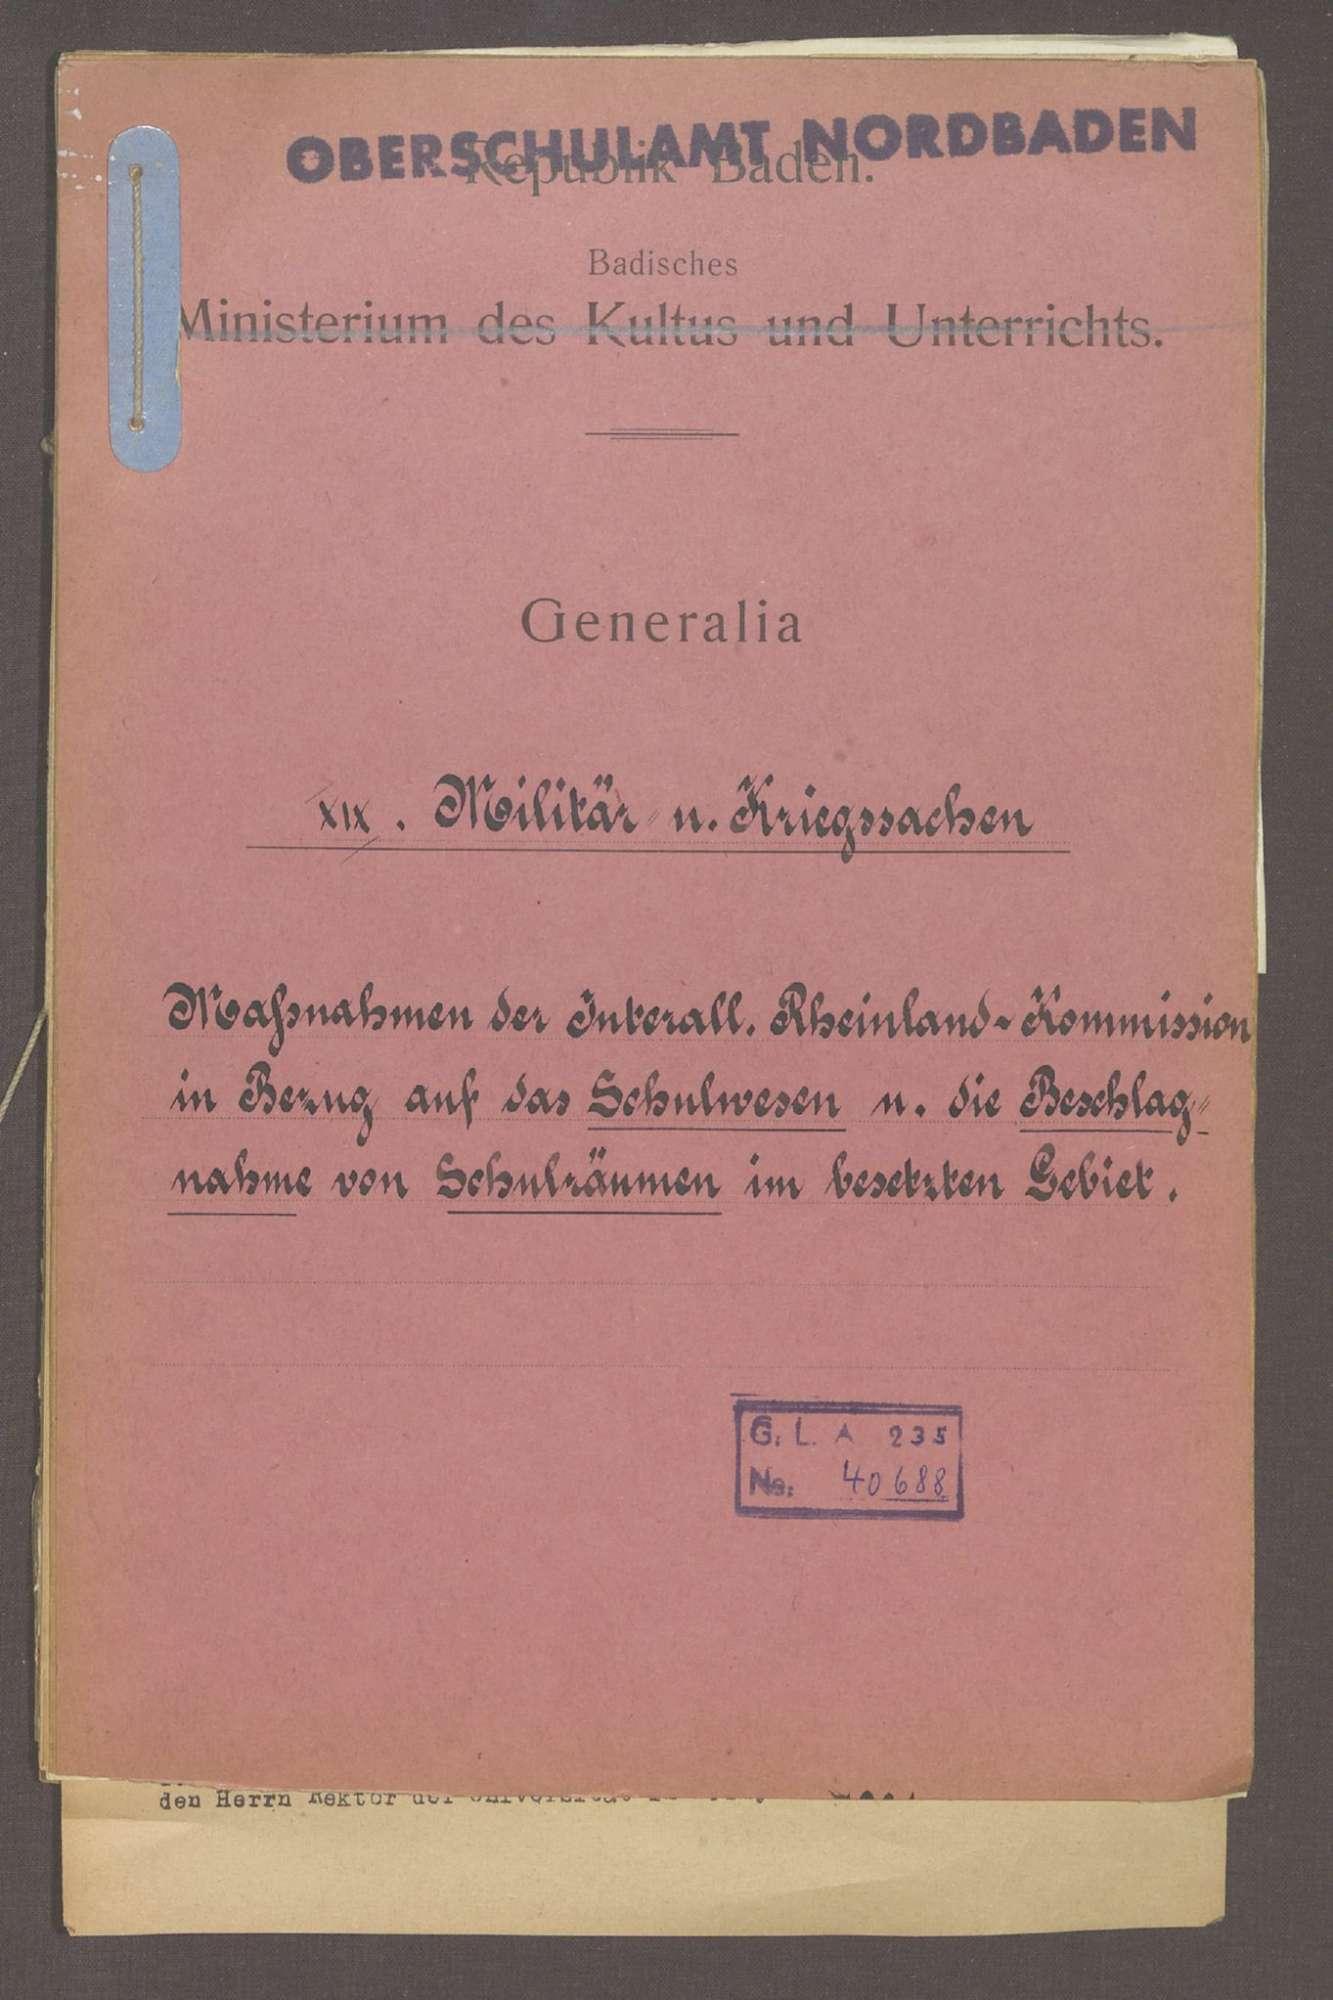 Maßnahmen der Interalliierten Rheinlandkommission in Bezug auf das Schulwesen, Bild 1